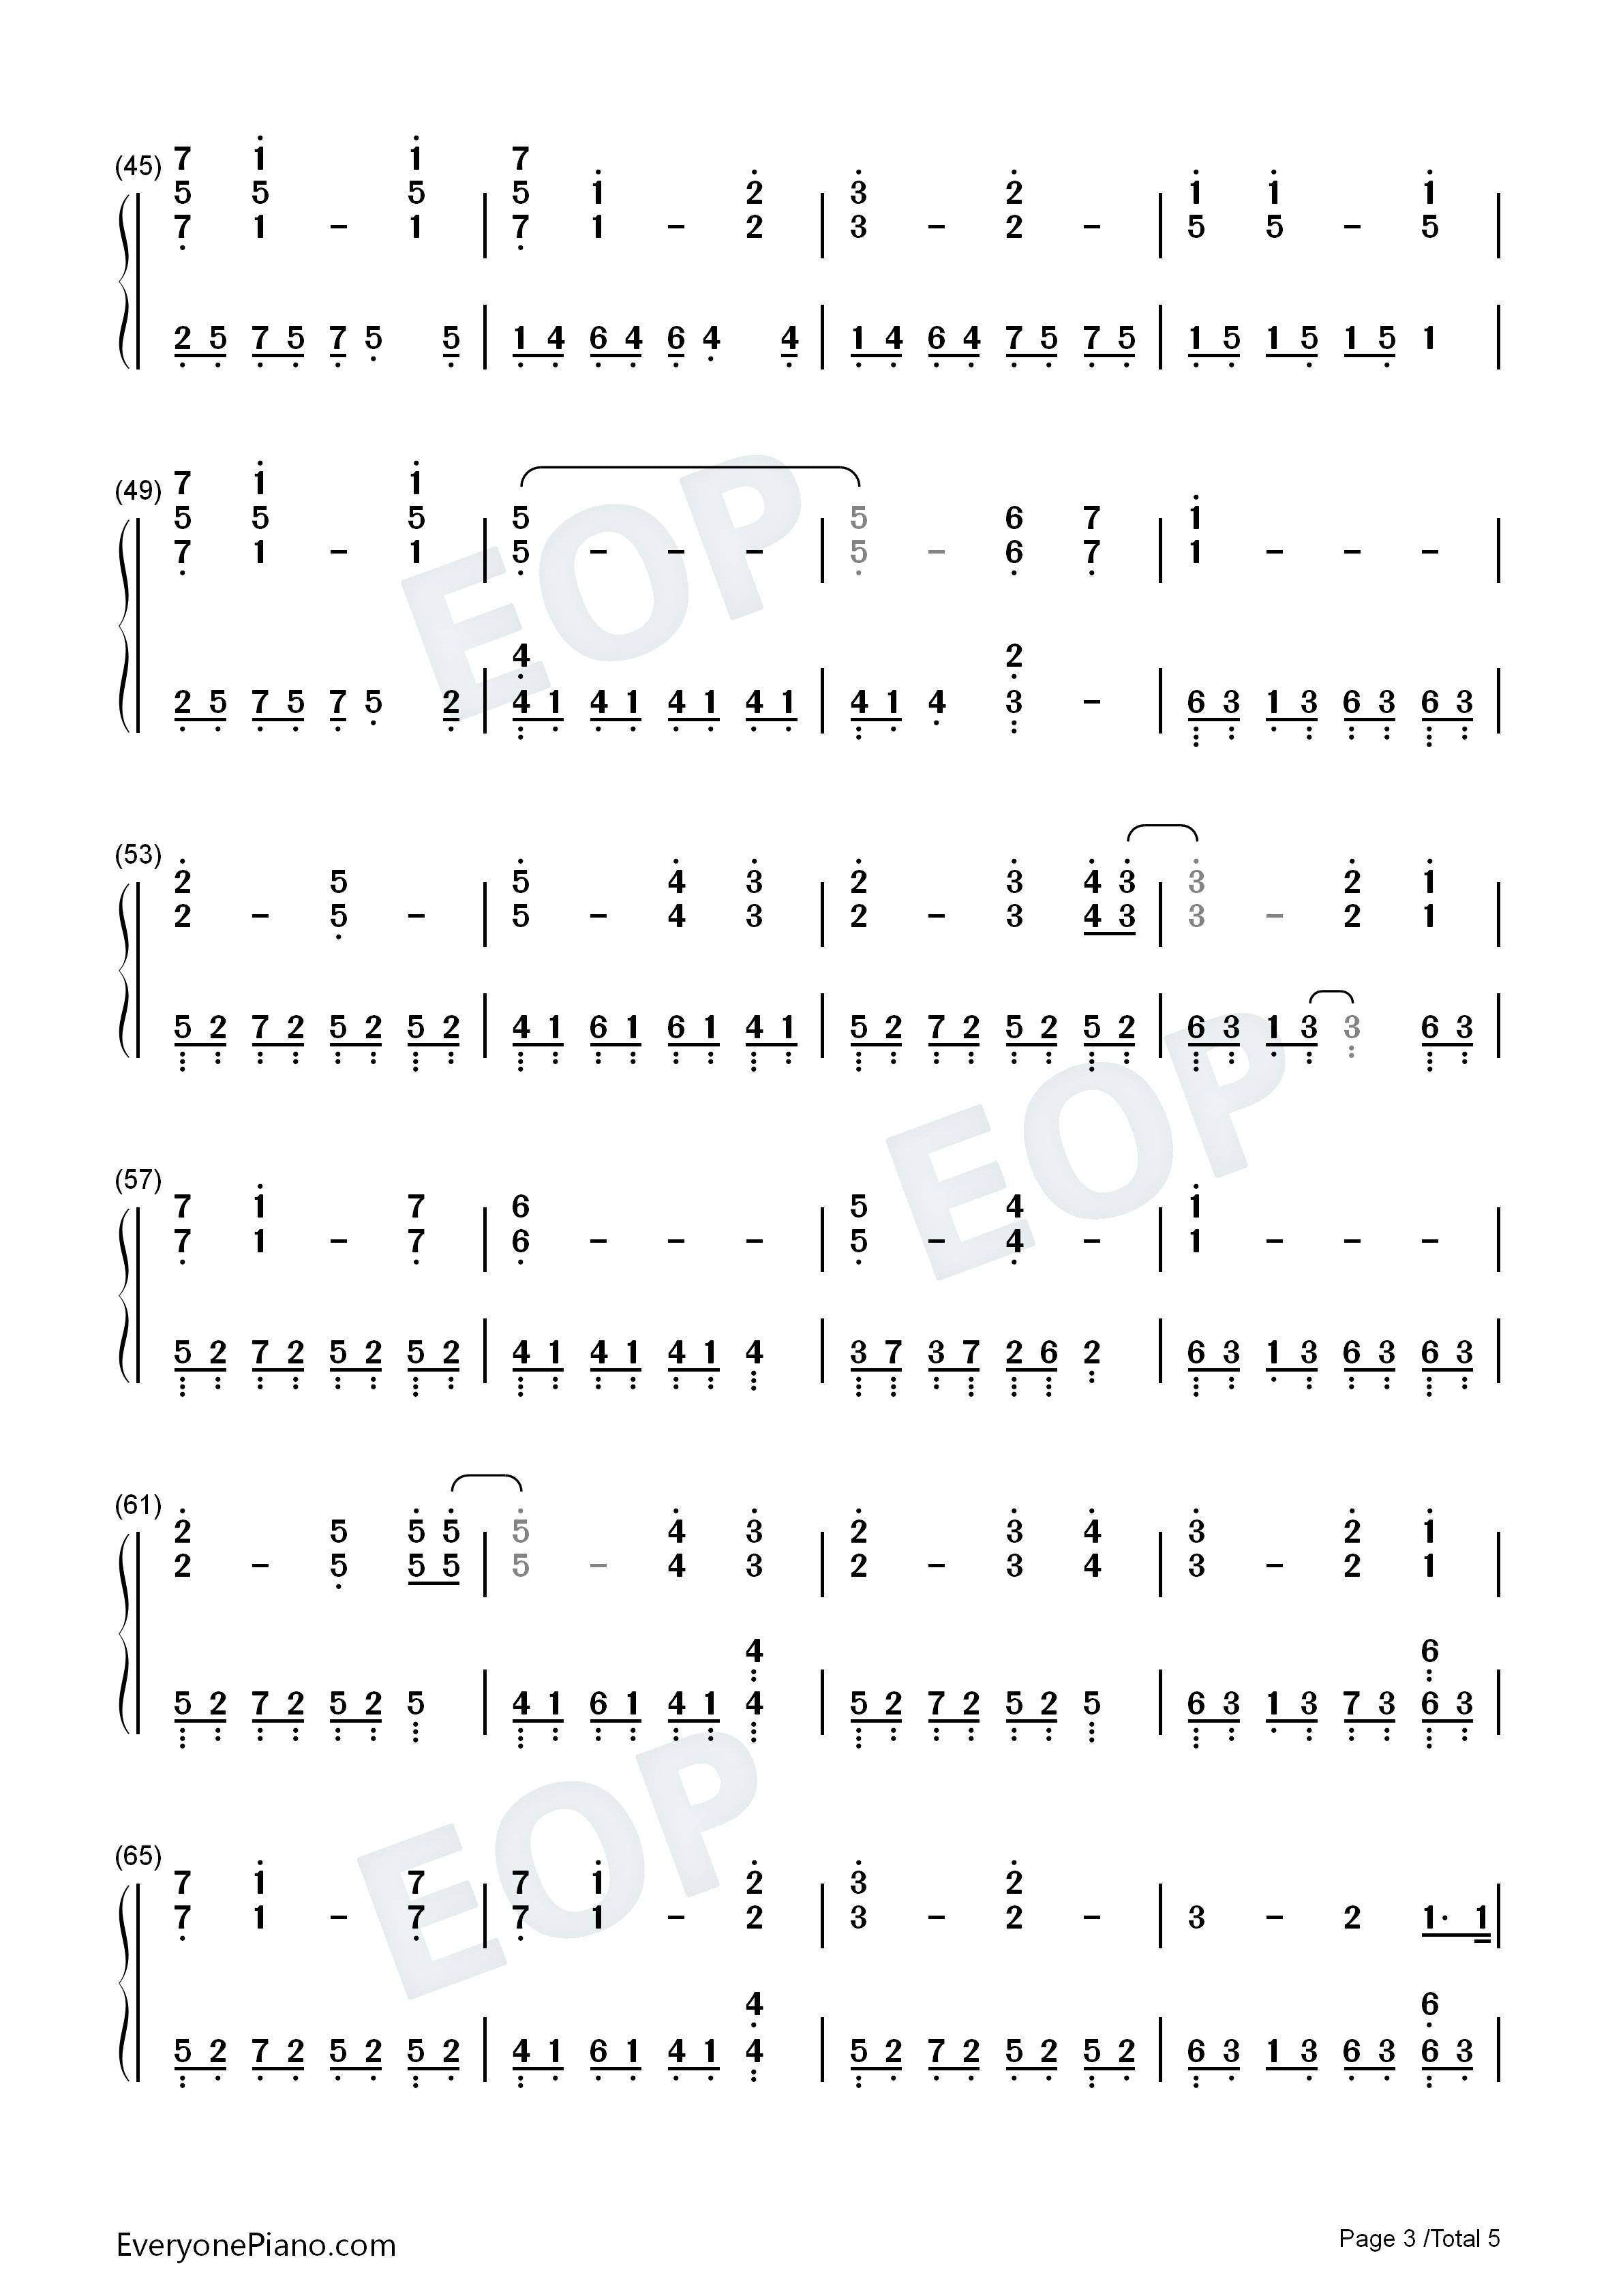 久石让的天空之城钢琴曲简谱